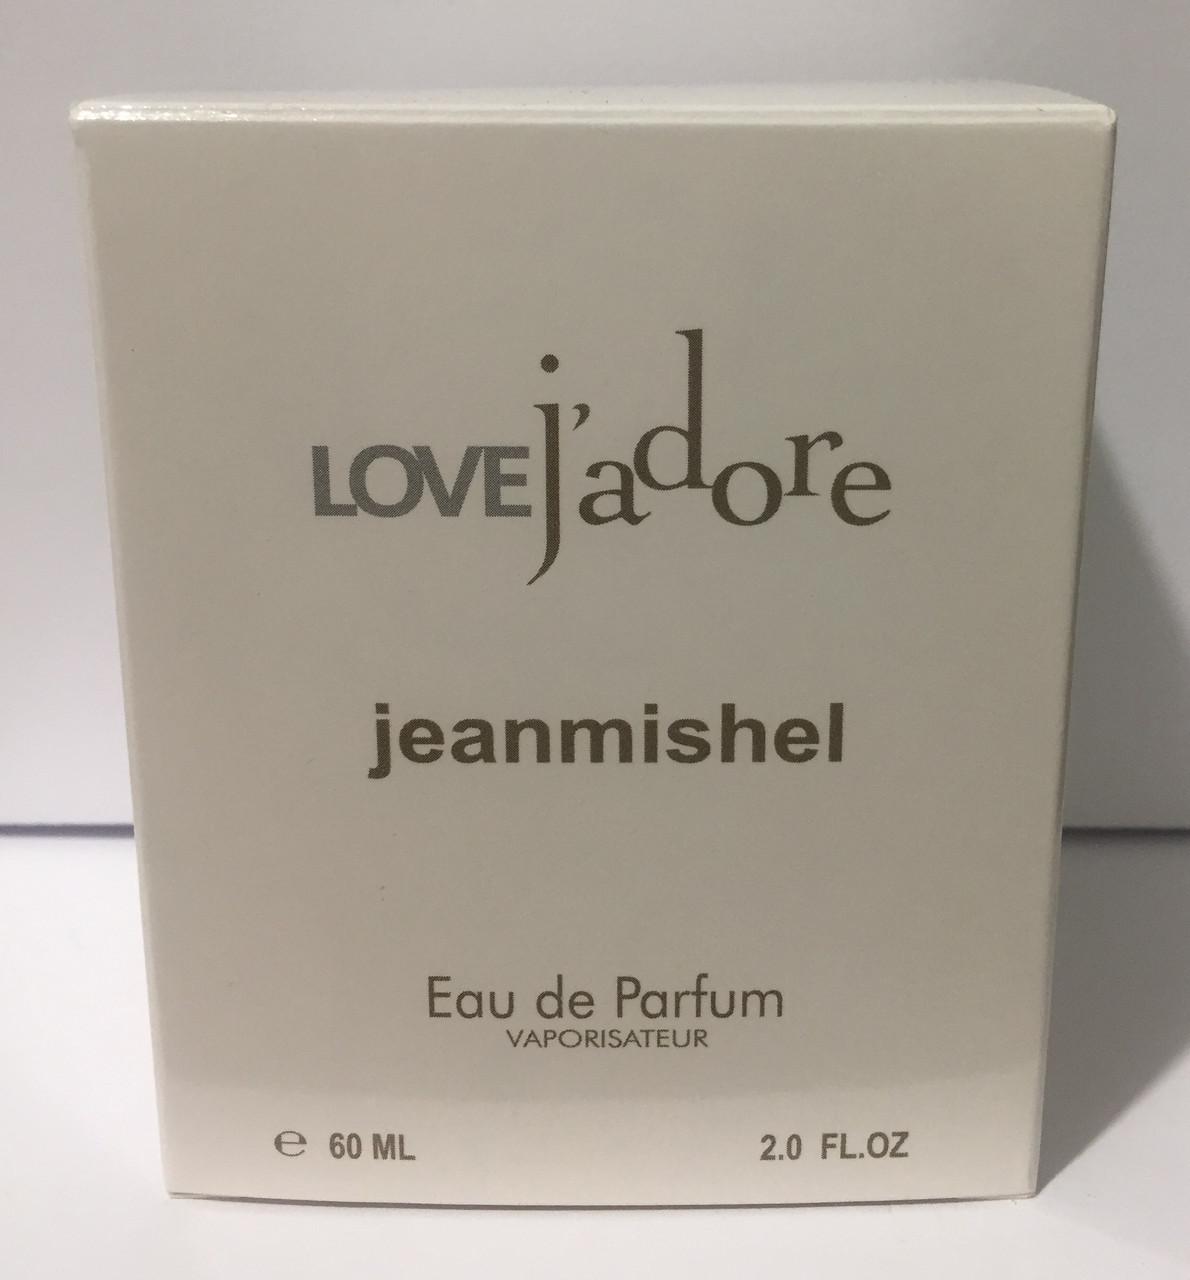 Тестер в подарочной упаковке jeanmishel loveJadore 60 мл